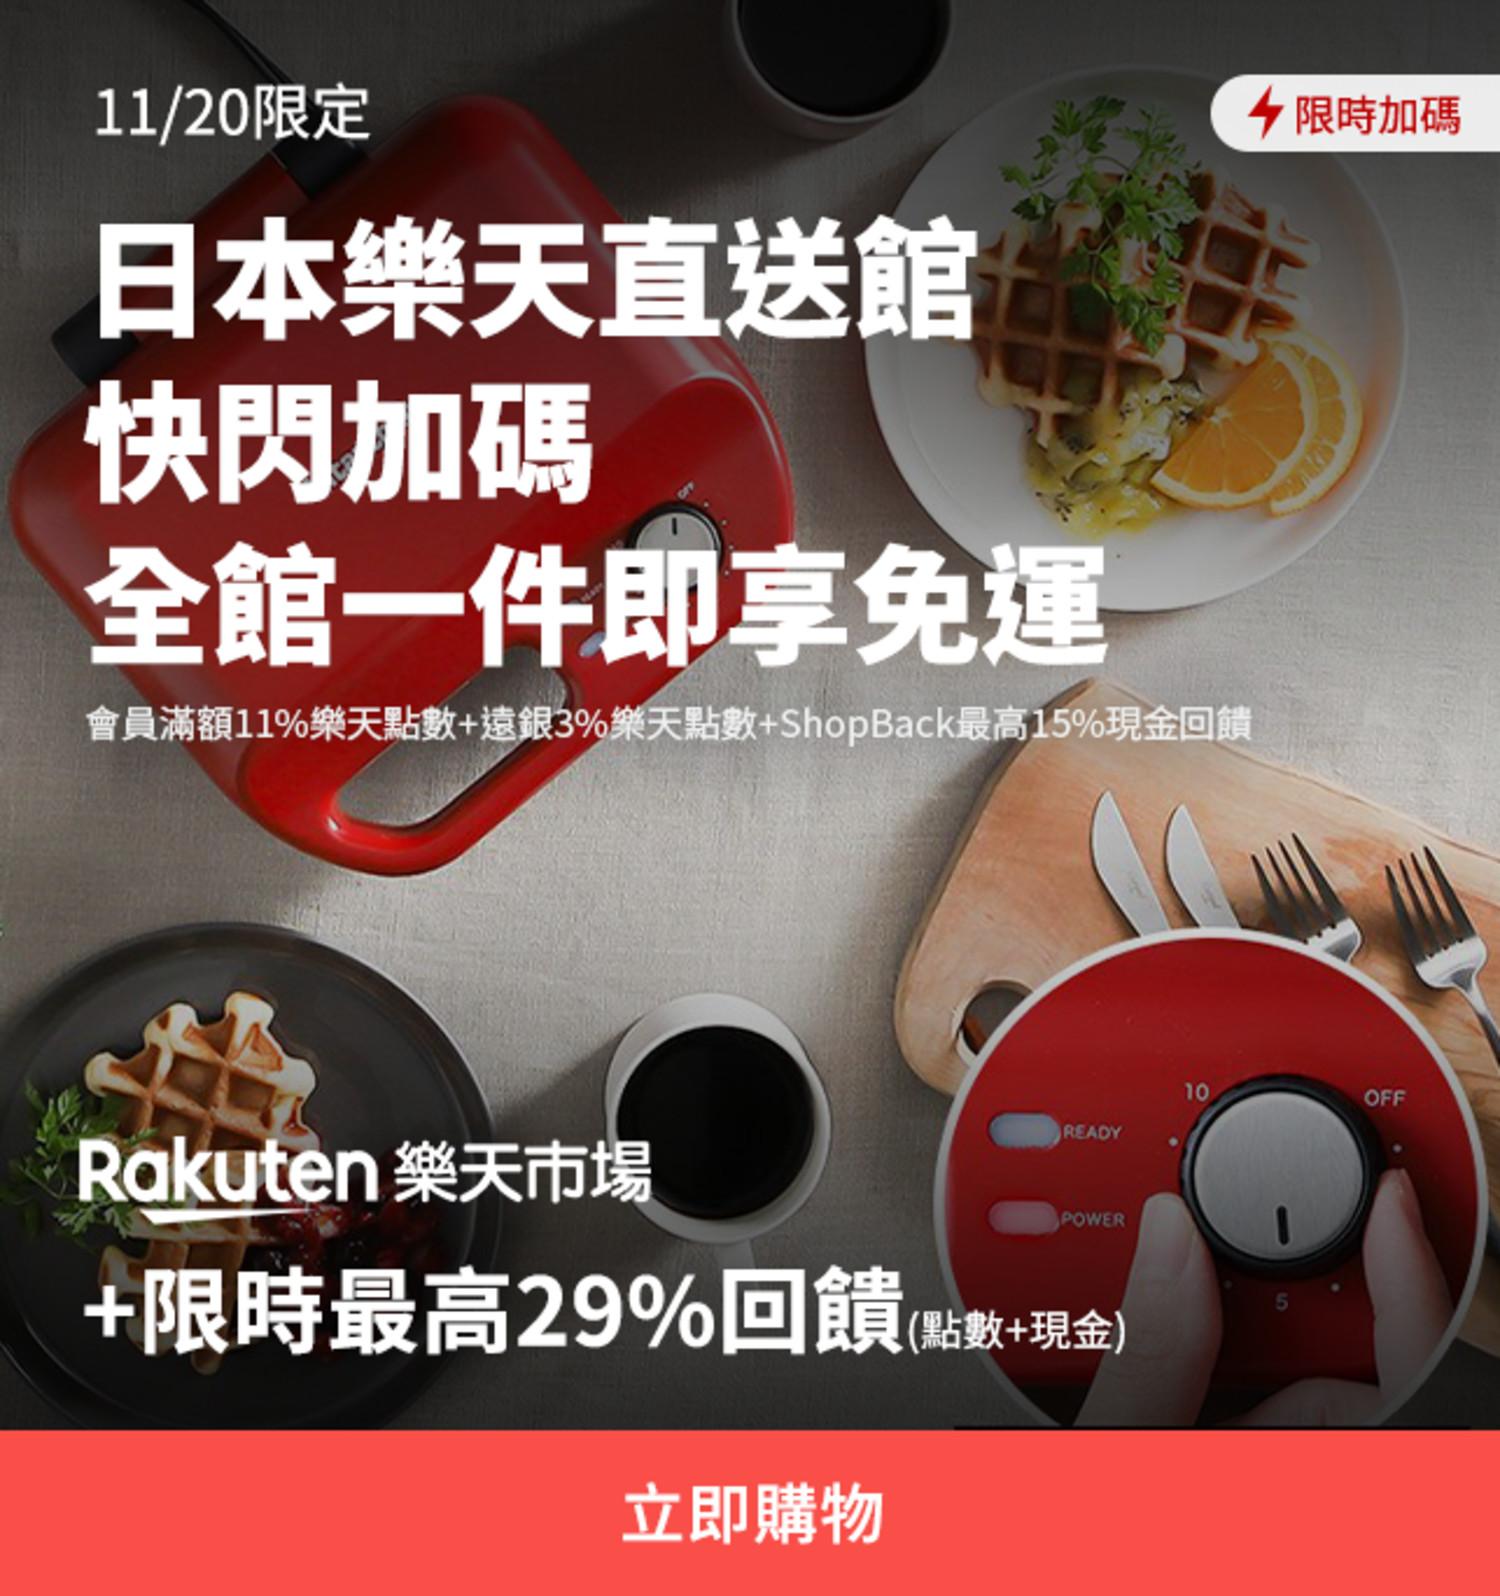 Rakuten 11/20 日本直送館